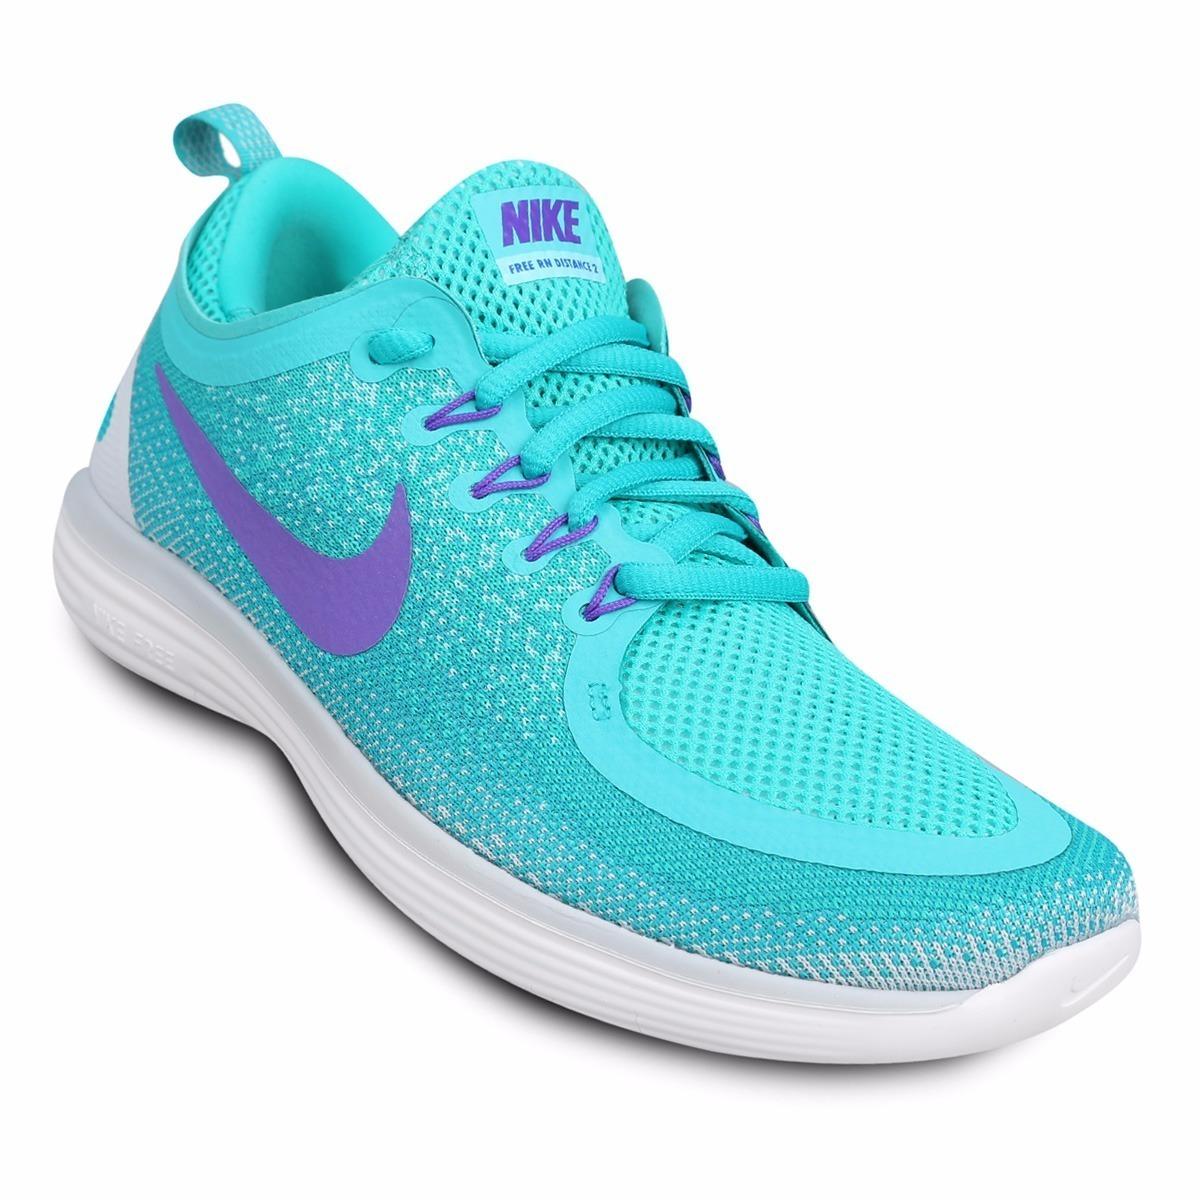 wholesale dealer 7a8f5 ab658 Zapatillas Nike Free Rn Distance 2 Mujer Originales - $ 2.599,00 en ...